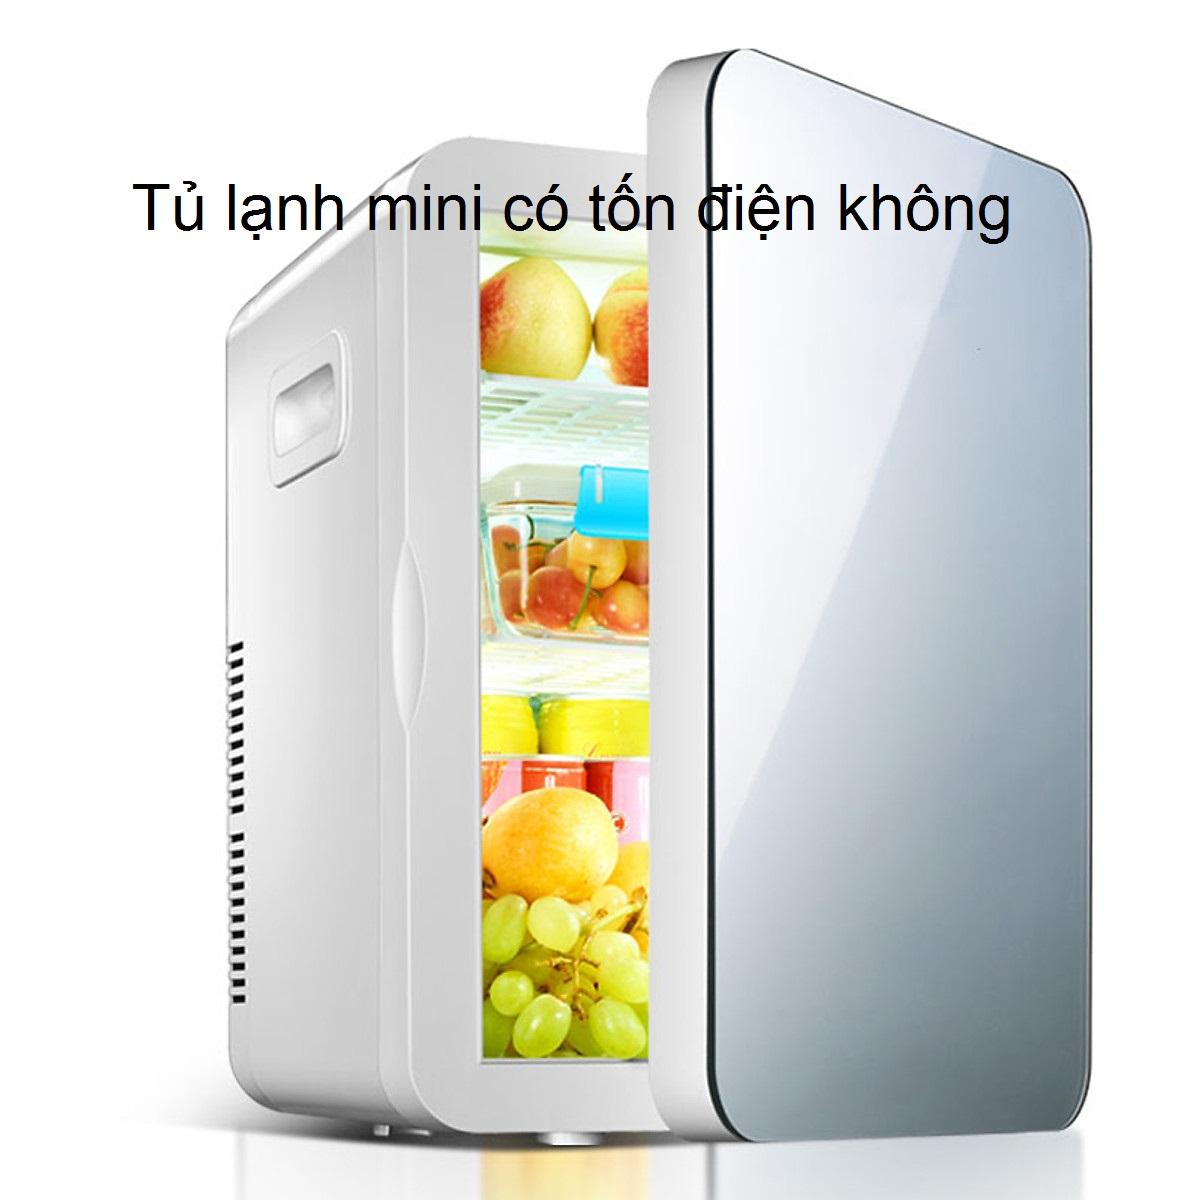 tủ lạnh mini có tốn điện không